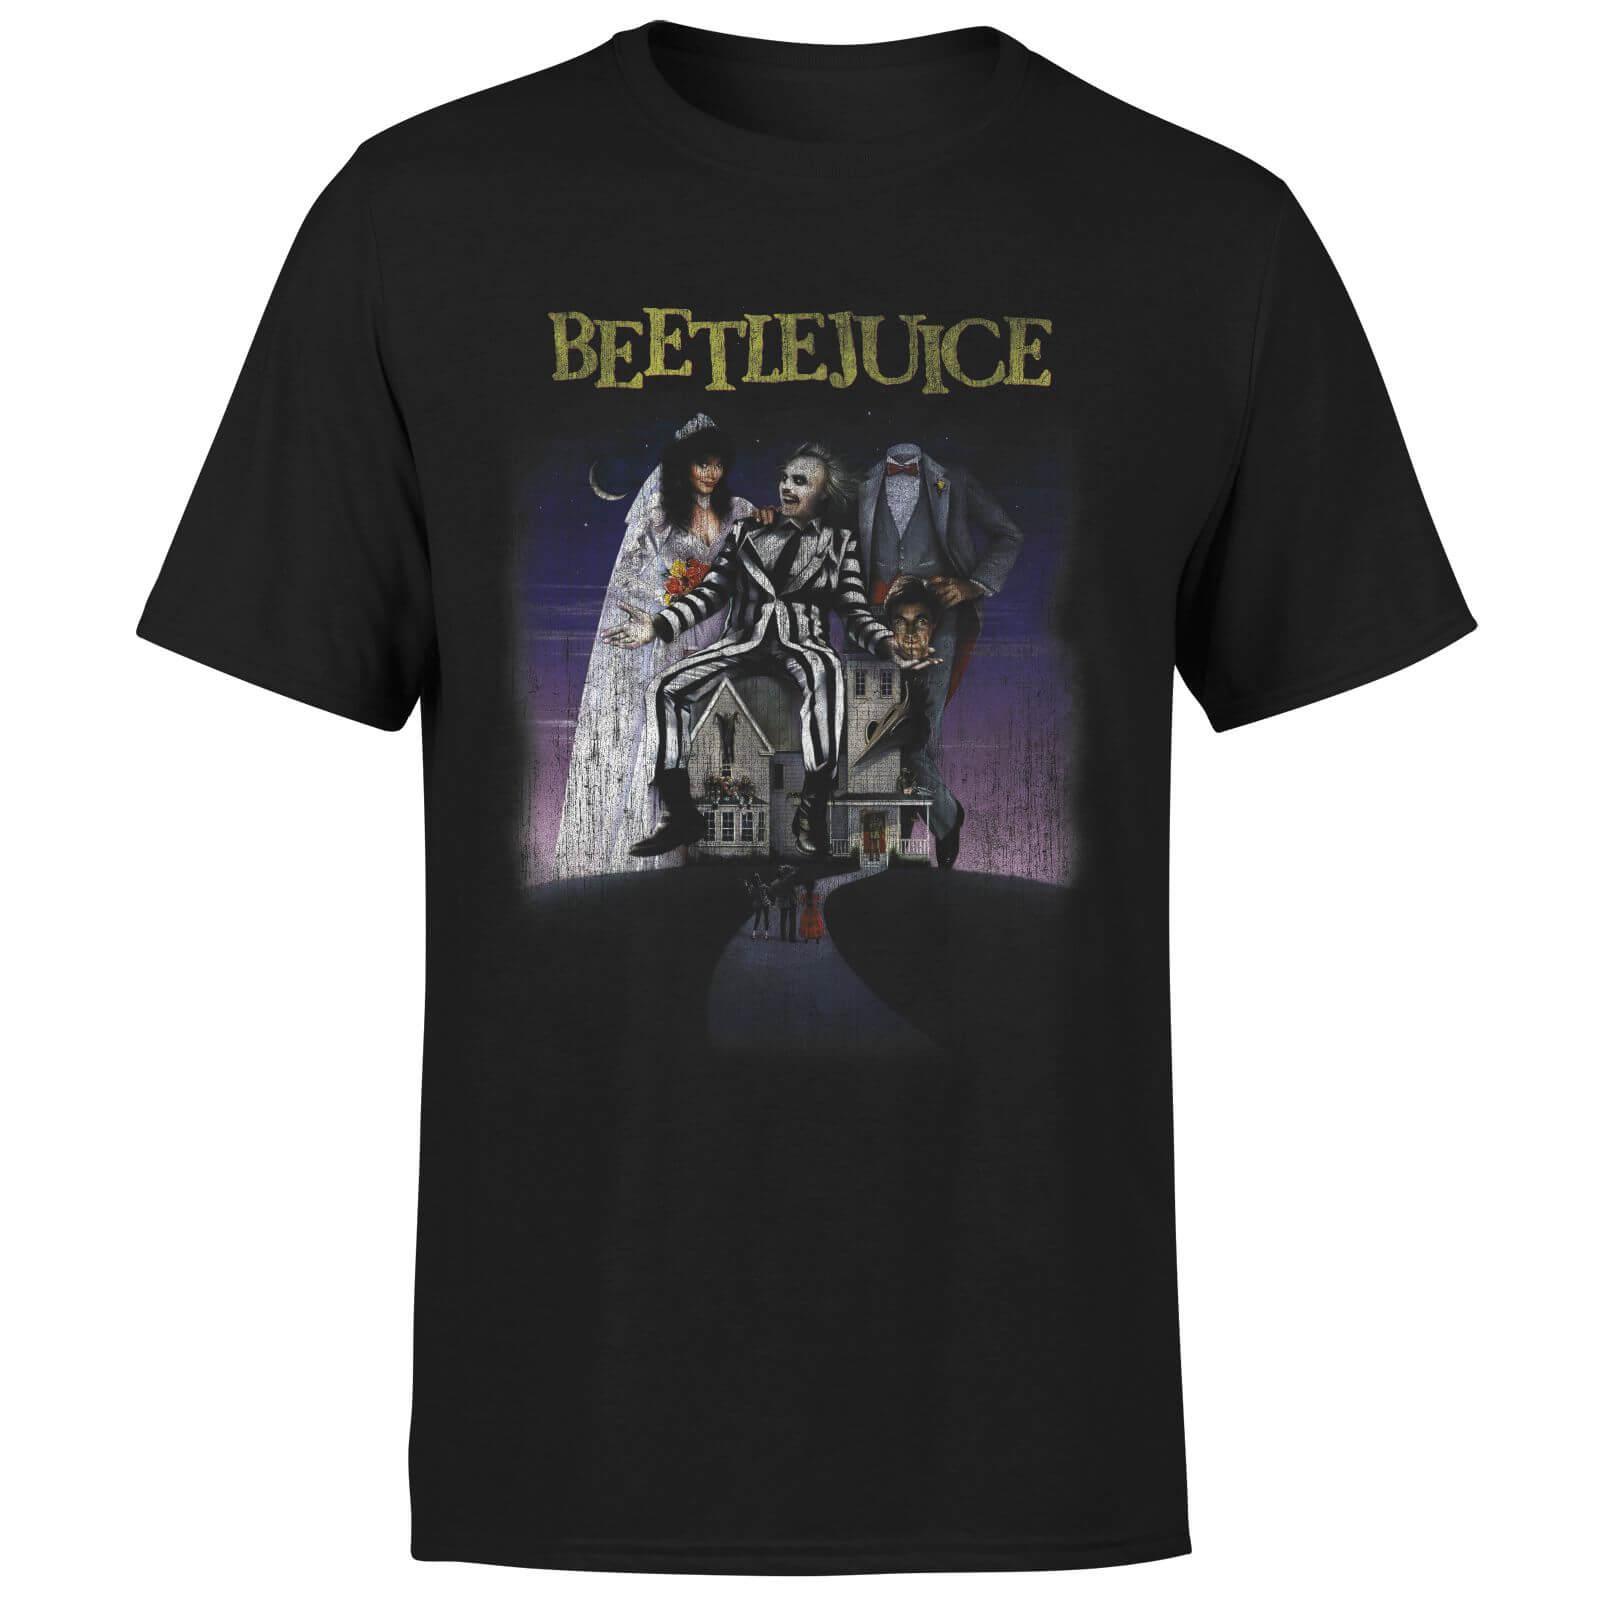 Beetlejuice T-Shirt Homme Affiche Abîmée Beetlejuice - Noir - XXL - Noir